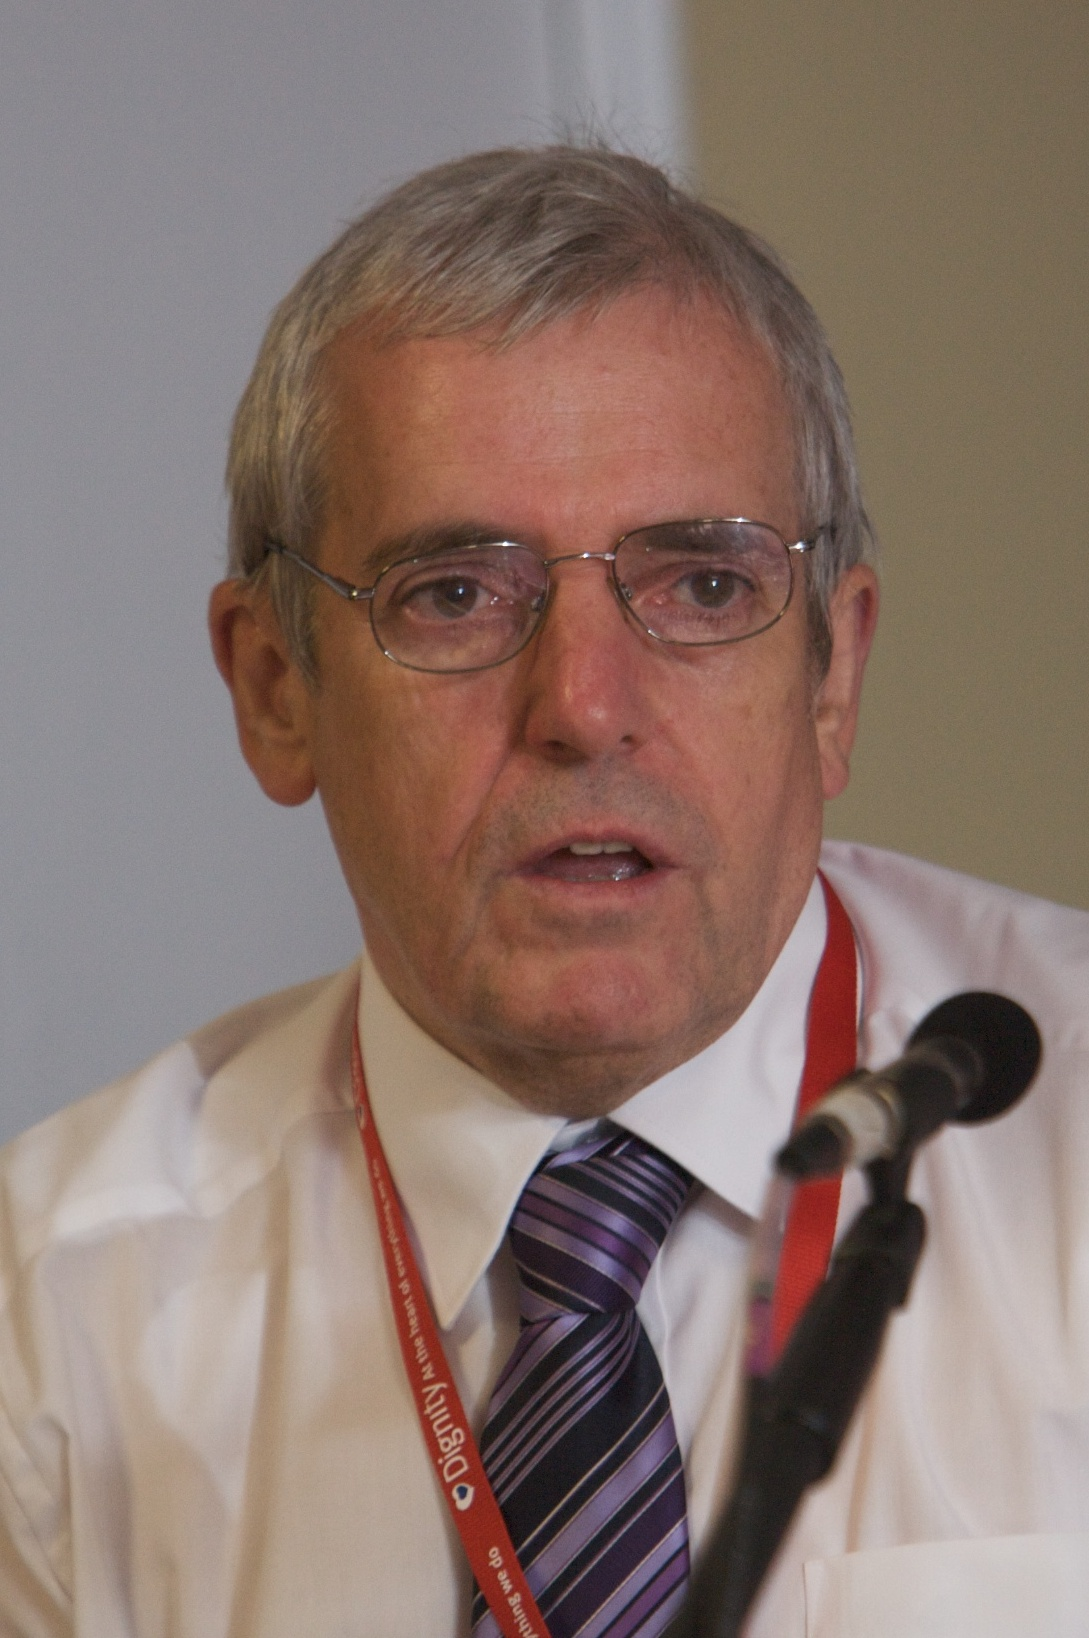 Mental Health Nurse >> Peter Carter (nurse) - Wikipedia